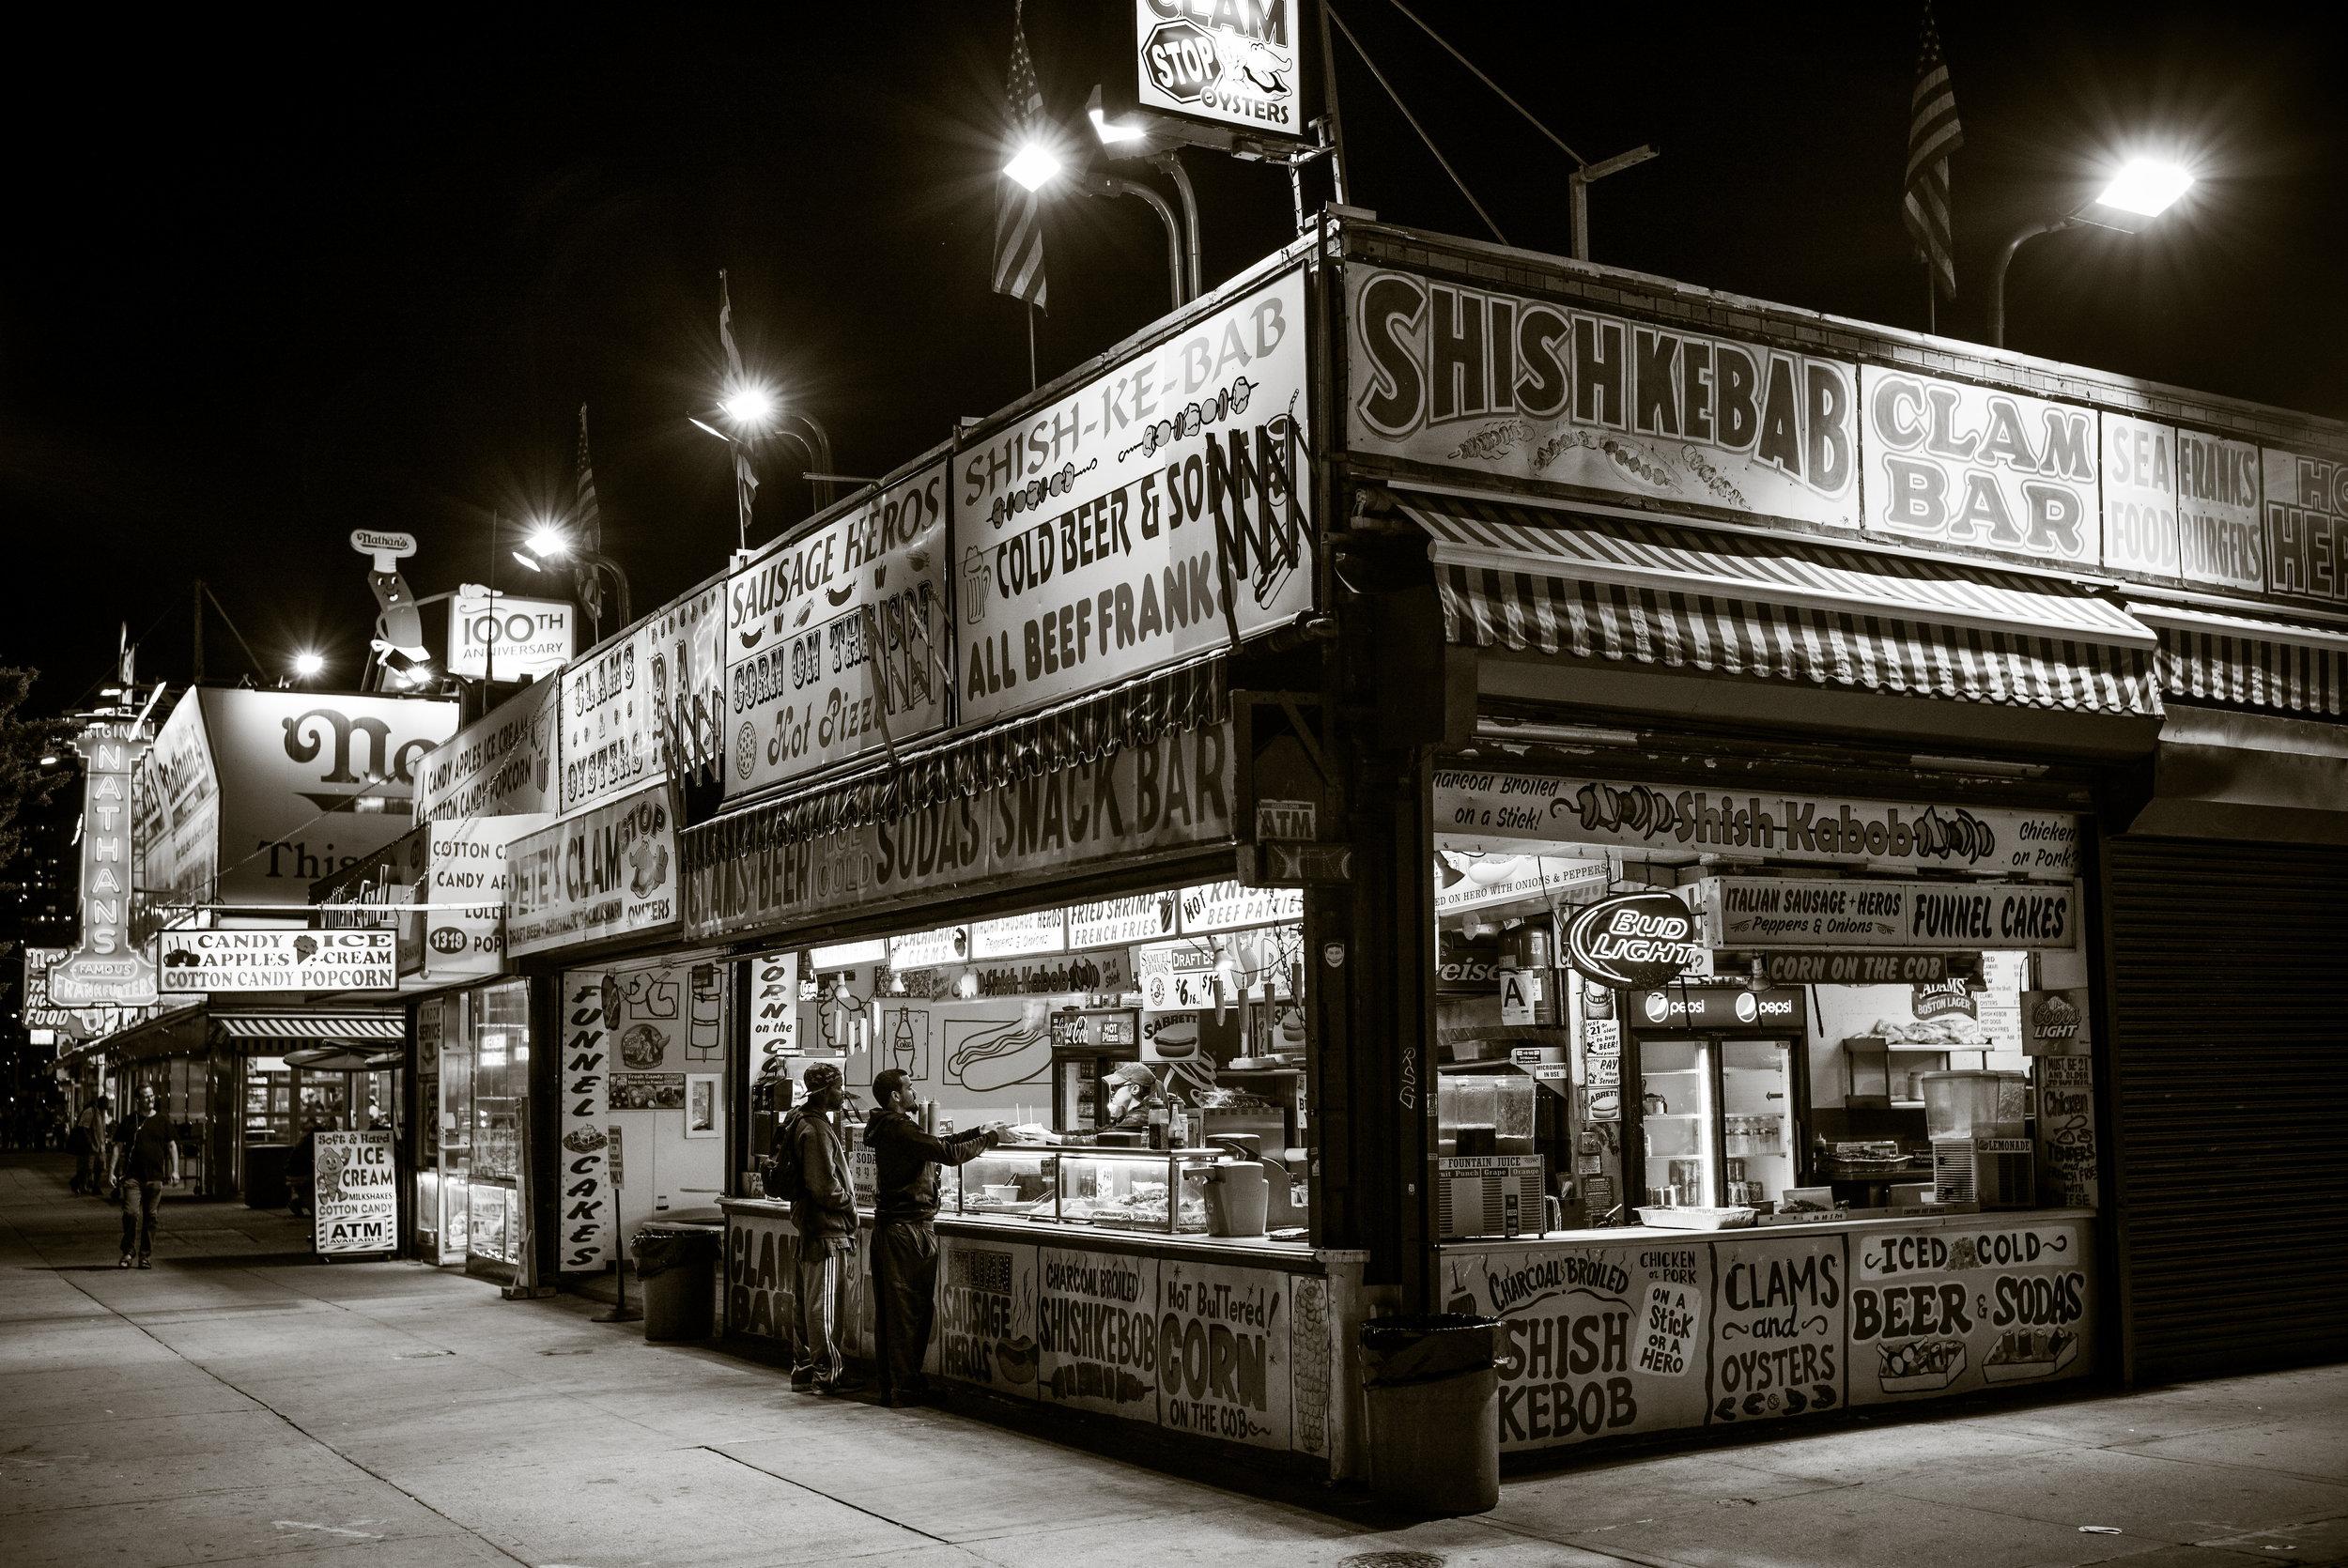 Surf Avenue, Coney Island, Brooklyn, New York.  Leica M240, 35mm f1.4 Summilux